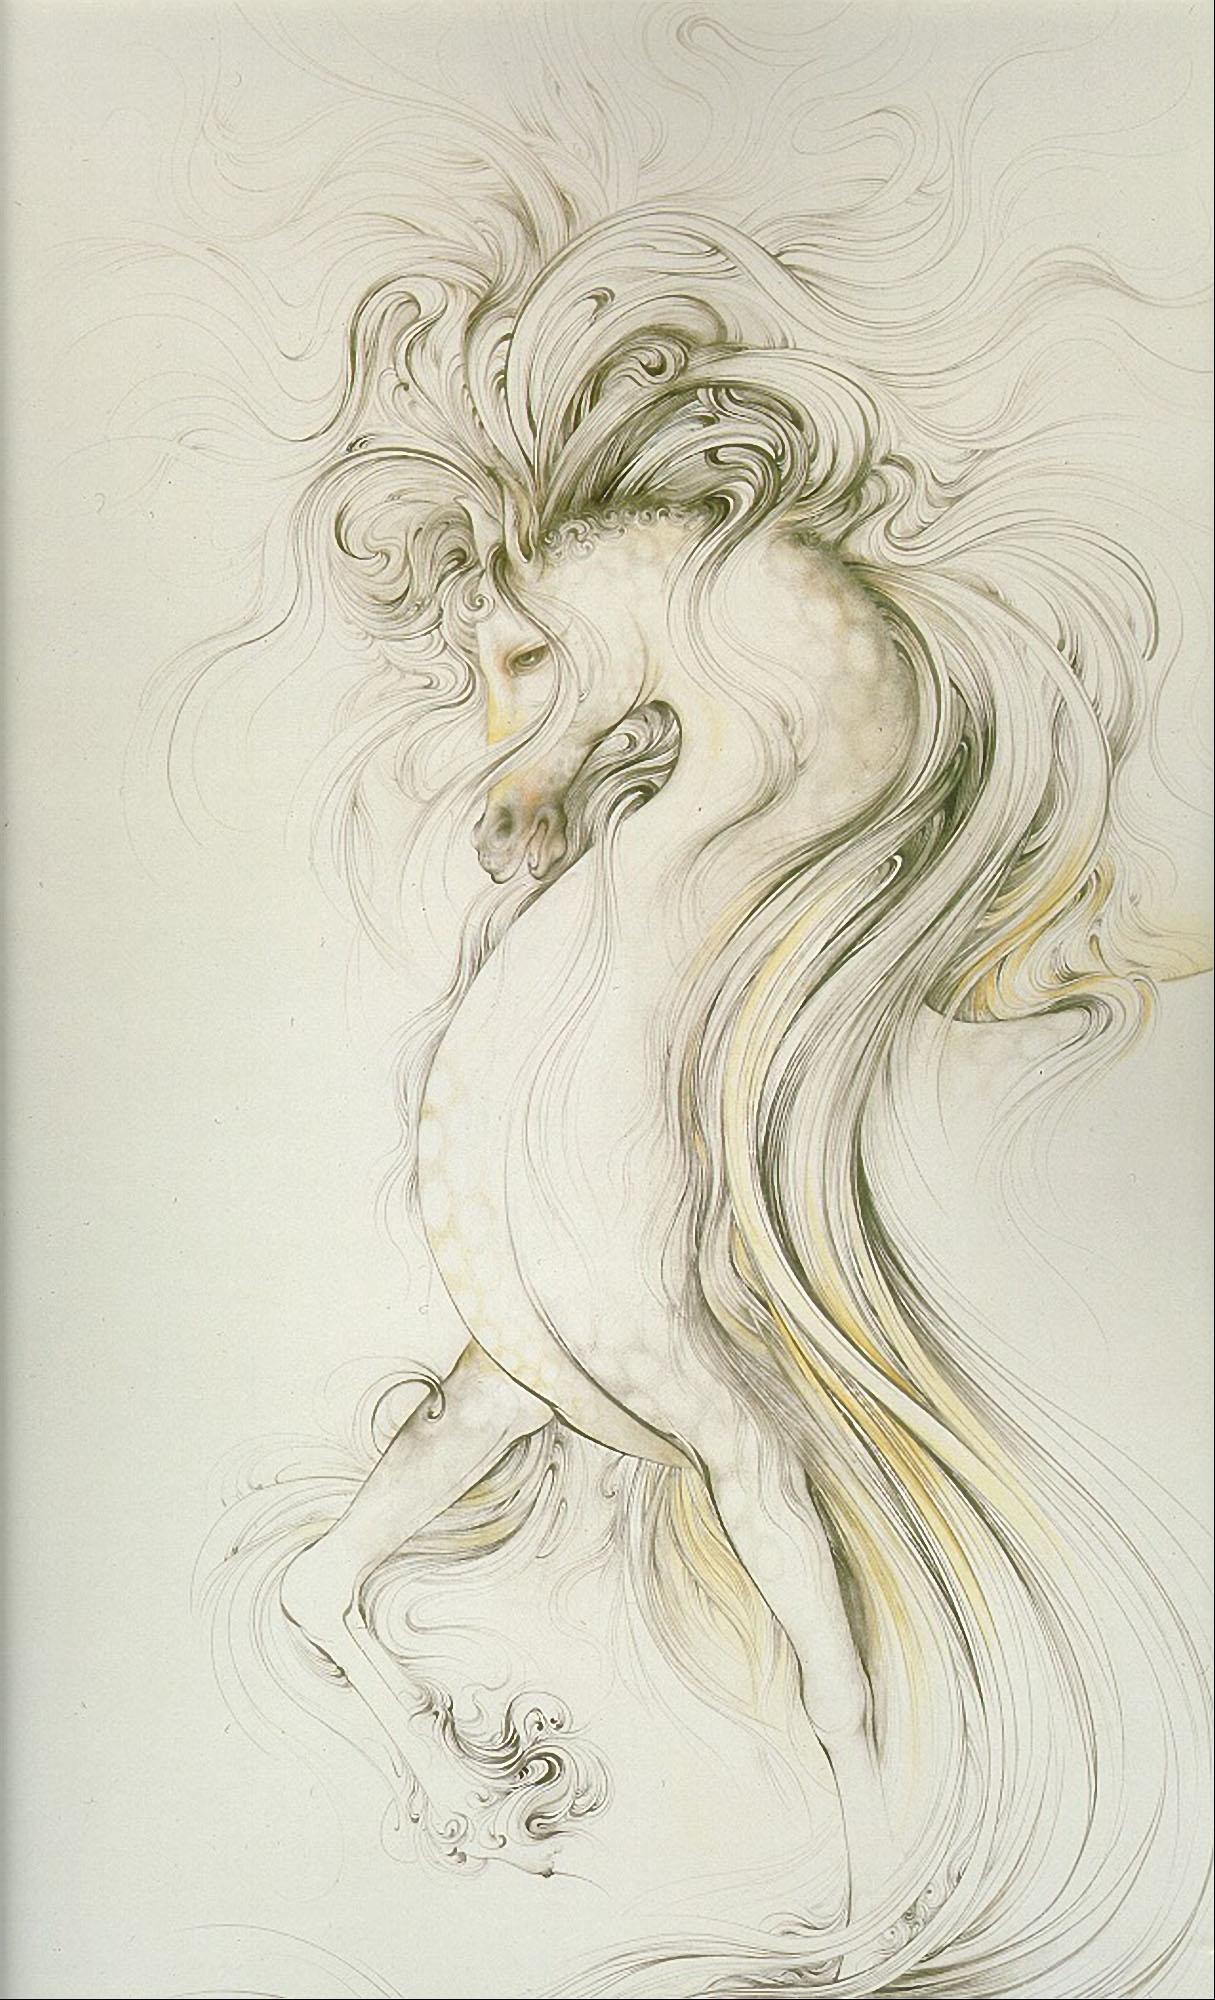 مینیاتور اسب سرکش 1 - فرشچیان --- نقاشی زیبای مینیاتور اسب سرکش با طرح ساده -  نقاشی مینیاتور - اثری بزرگ از استاد محمود فرشچیان استاد بزرگ مینیاتور ایران